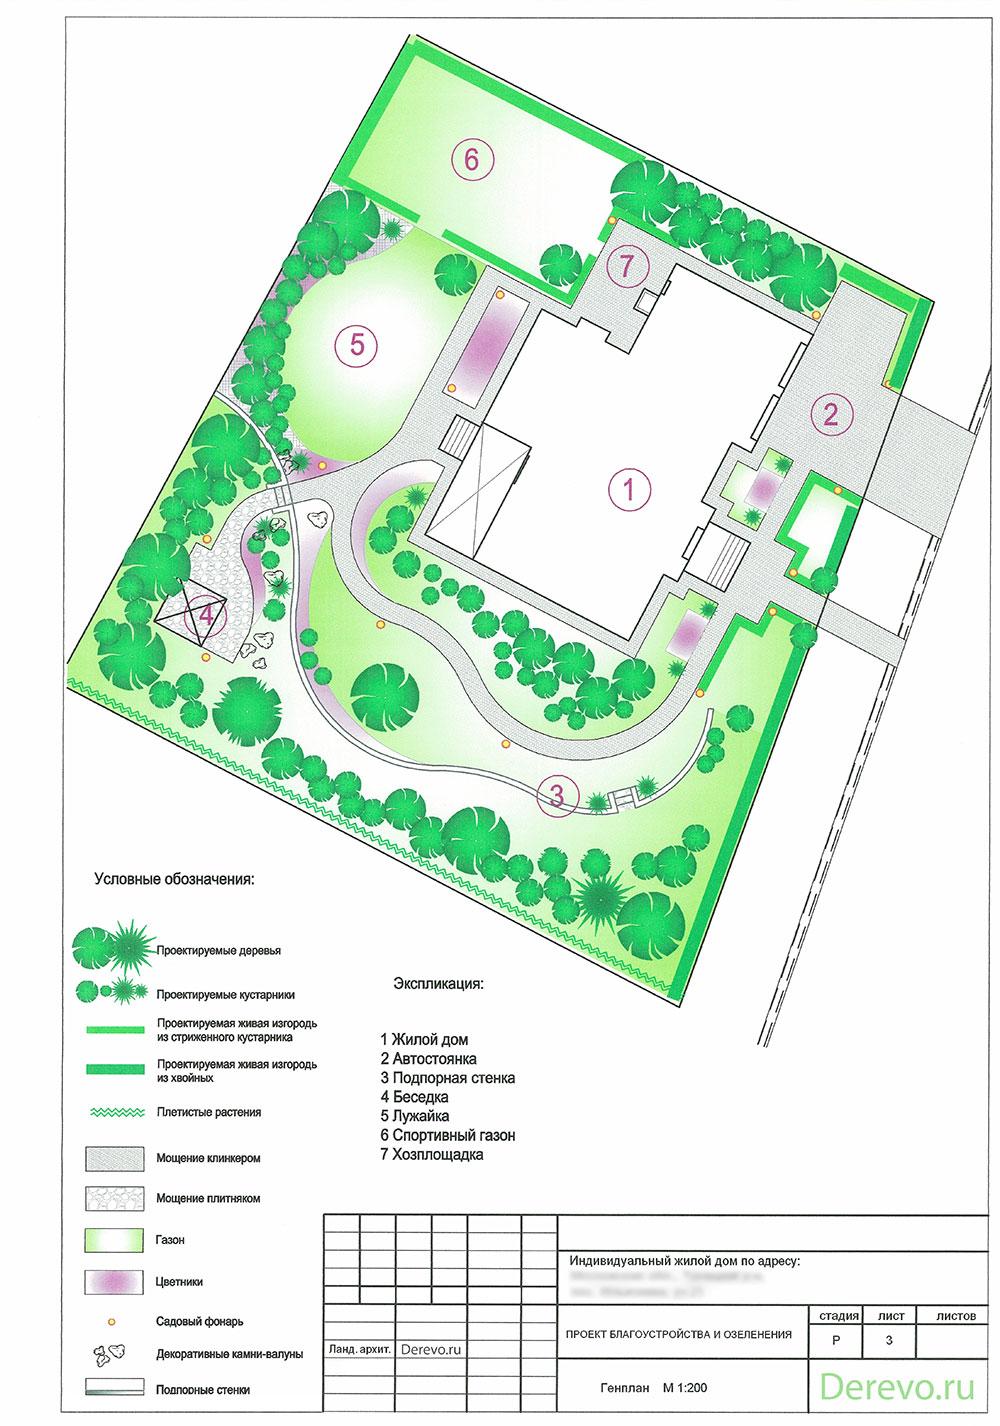 Архитектурное проектирование  Благоустройство территории